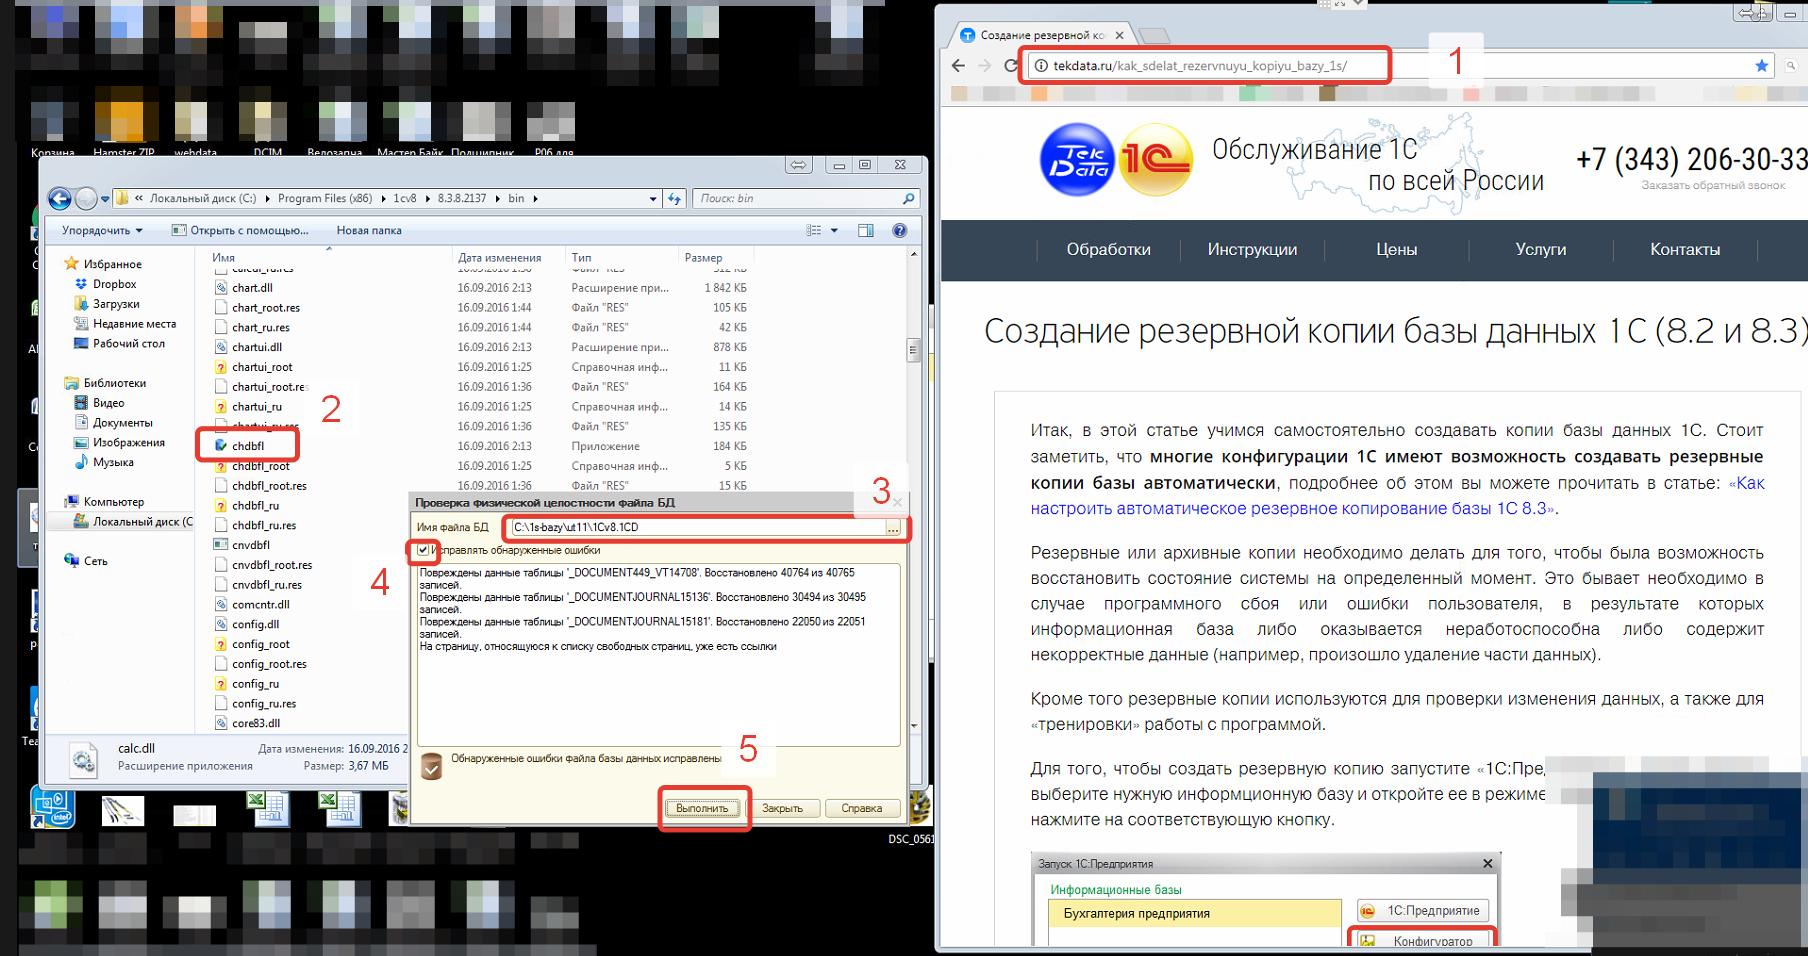 Как исправить ошибки СУБД, встречающиеся в 1С (утилитой chdbfl.exe) | tekdata.ru